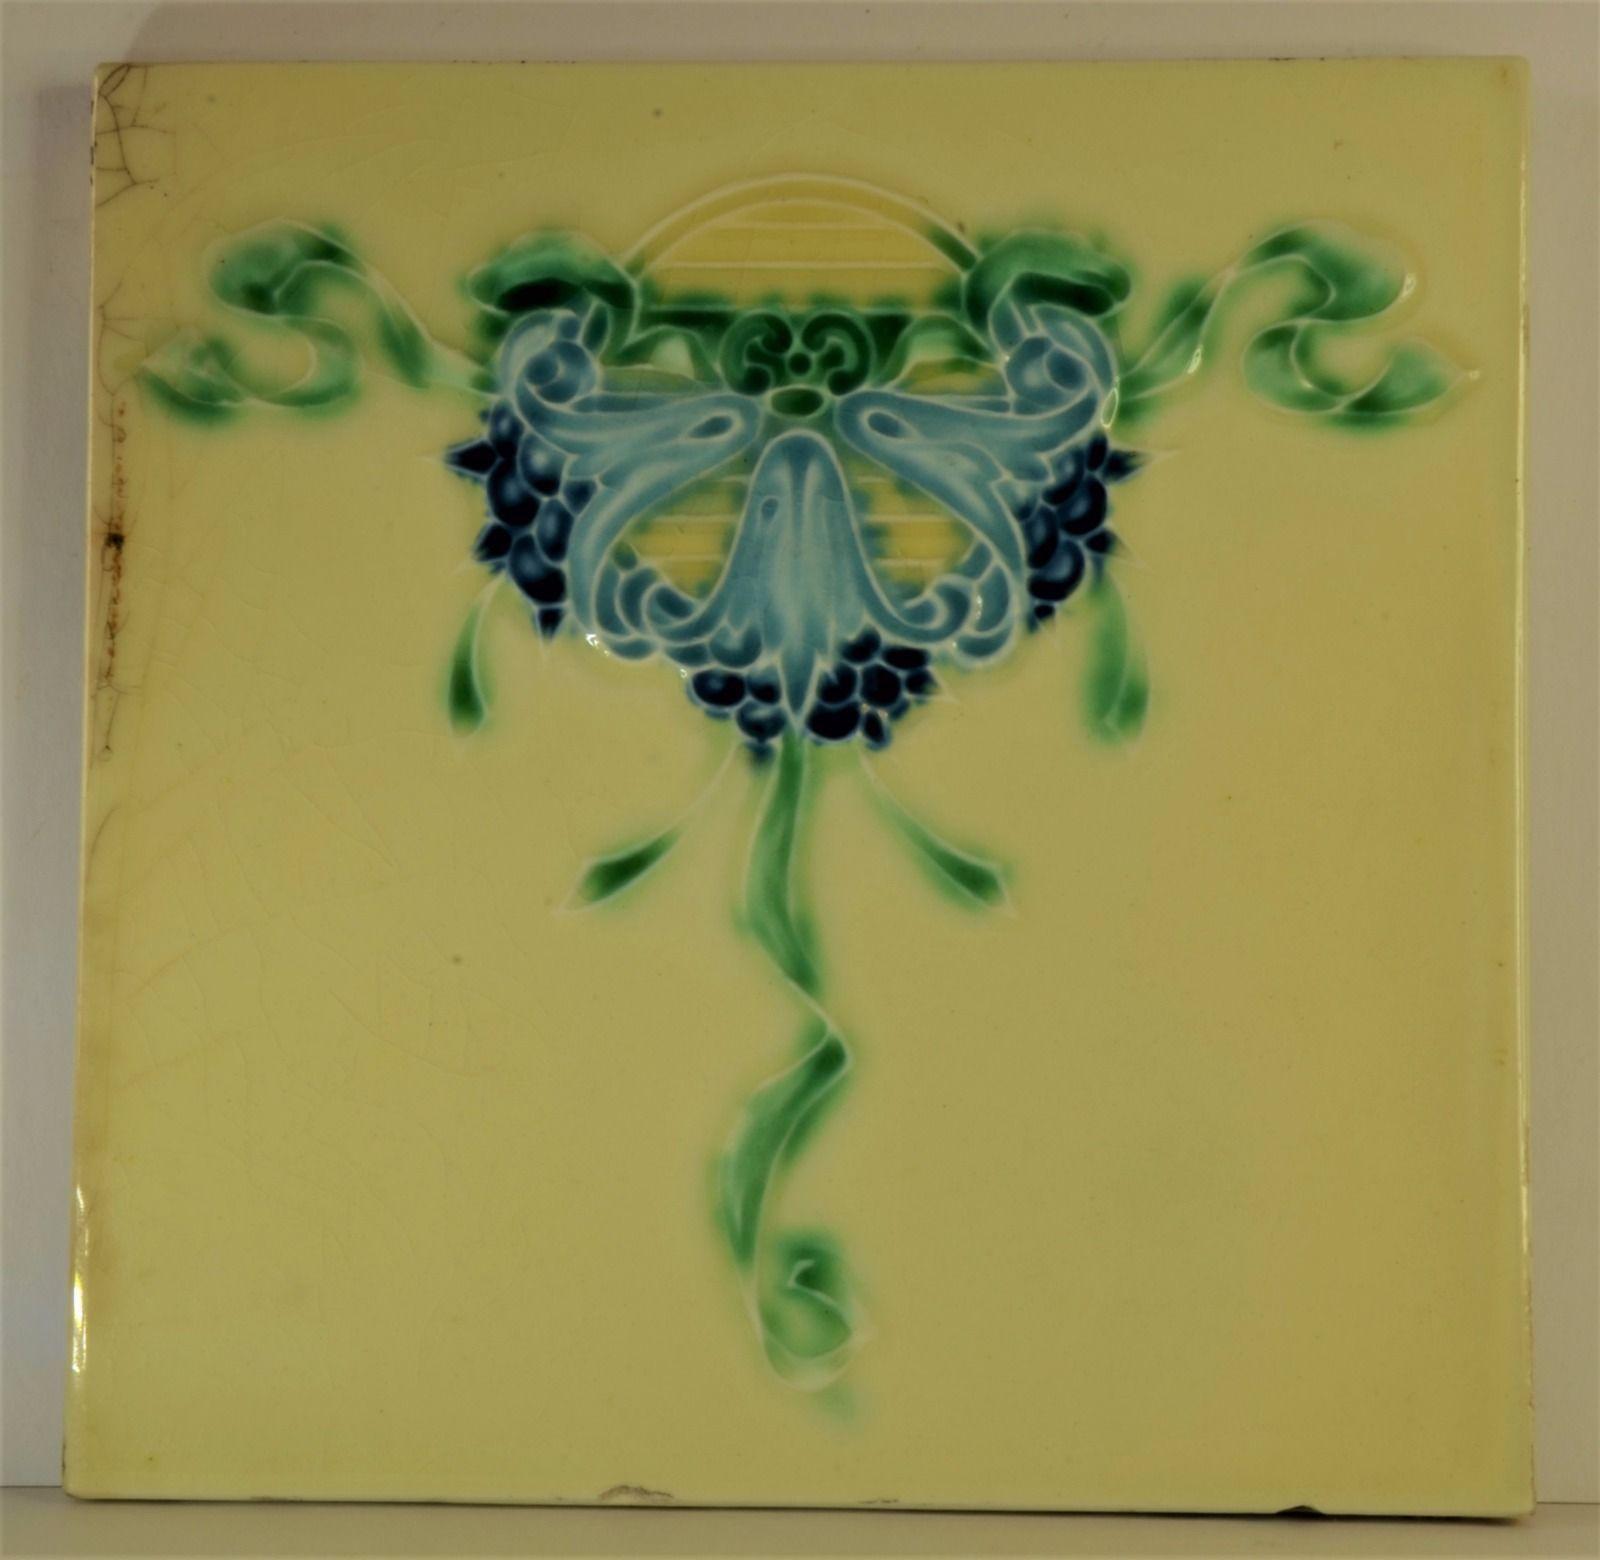 Antique art nouveau ceramic tile antique art art nouveau tiles antique art nouveau ceramic tile dailygadgetfo Choice Image